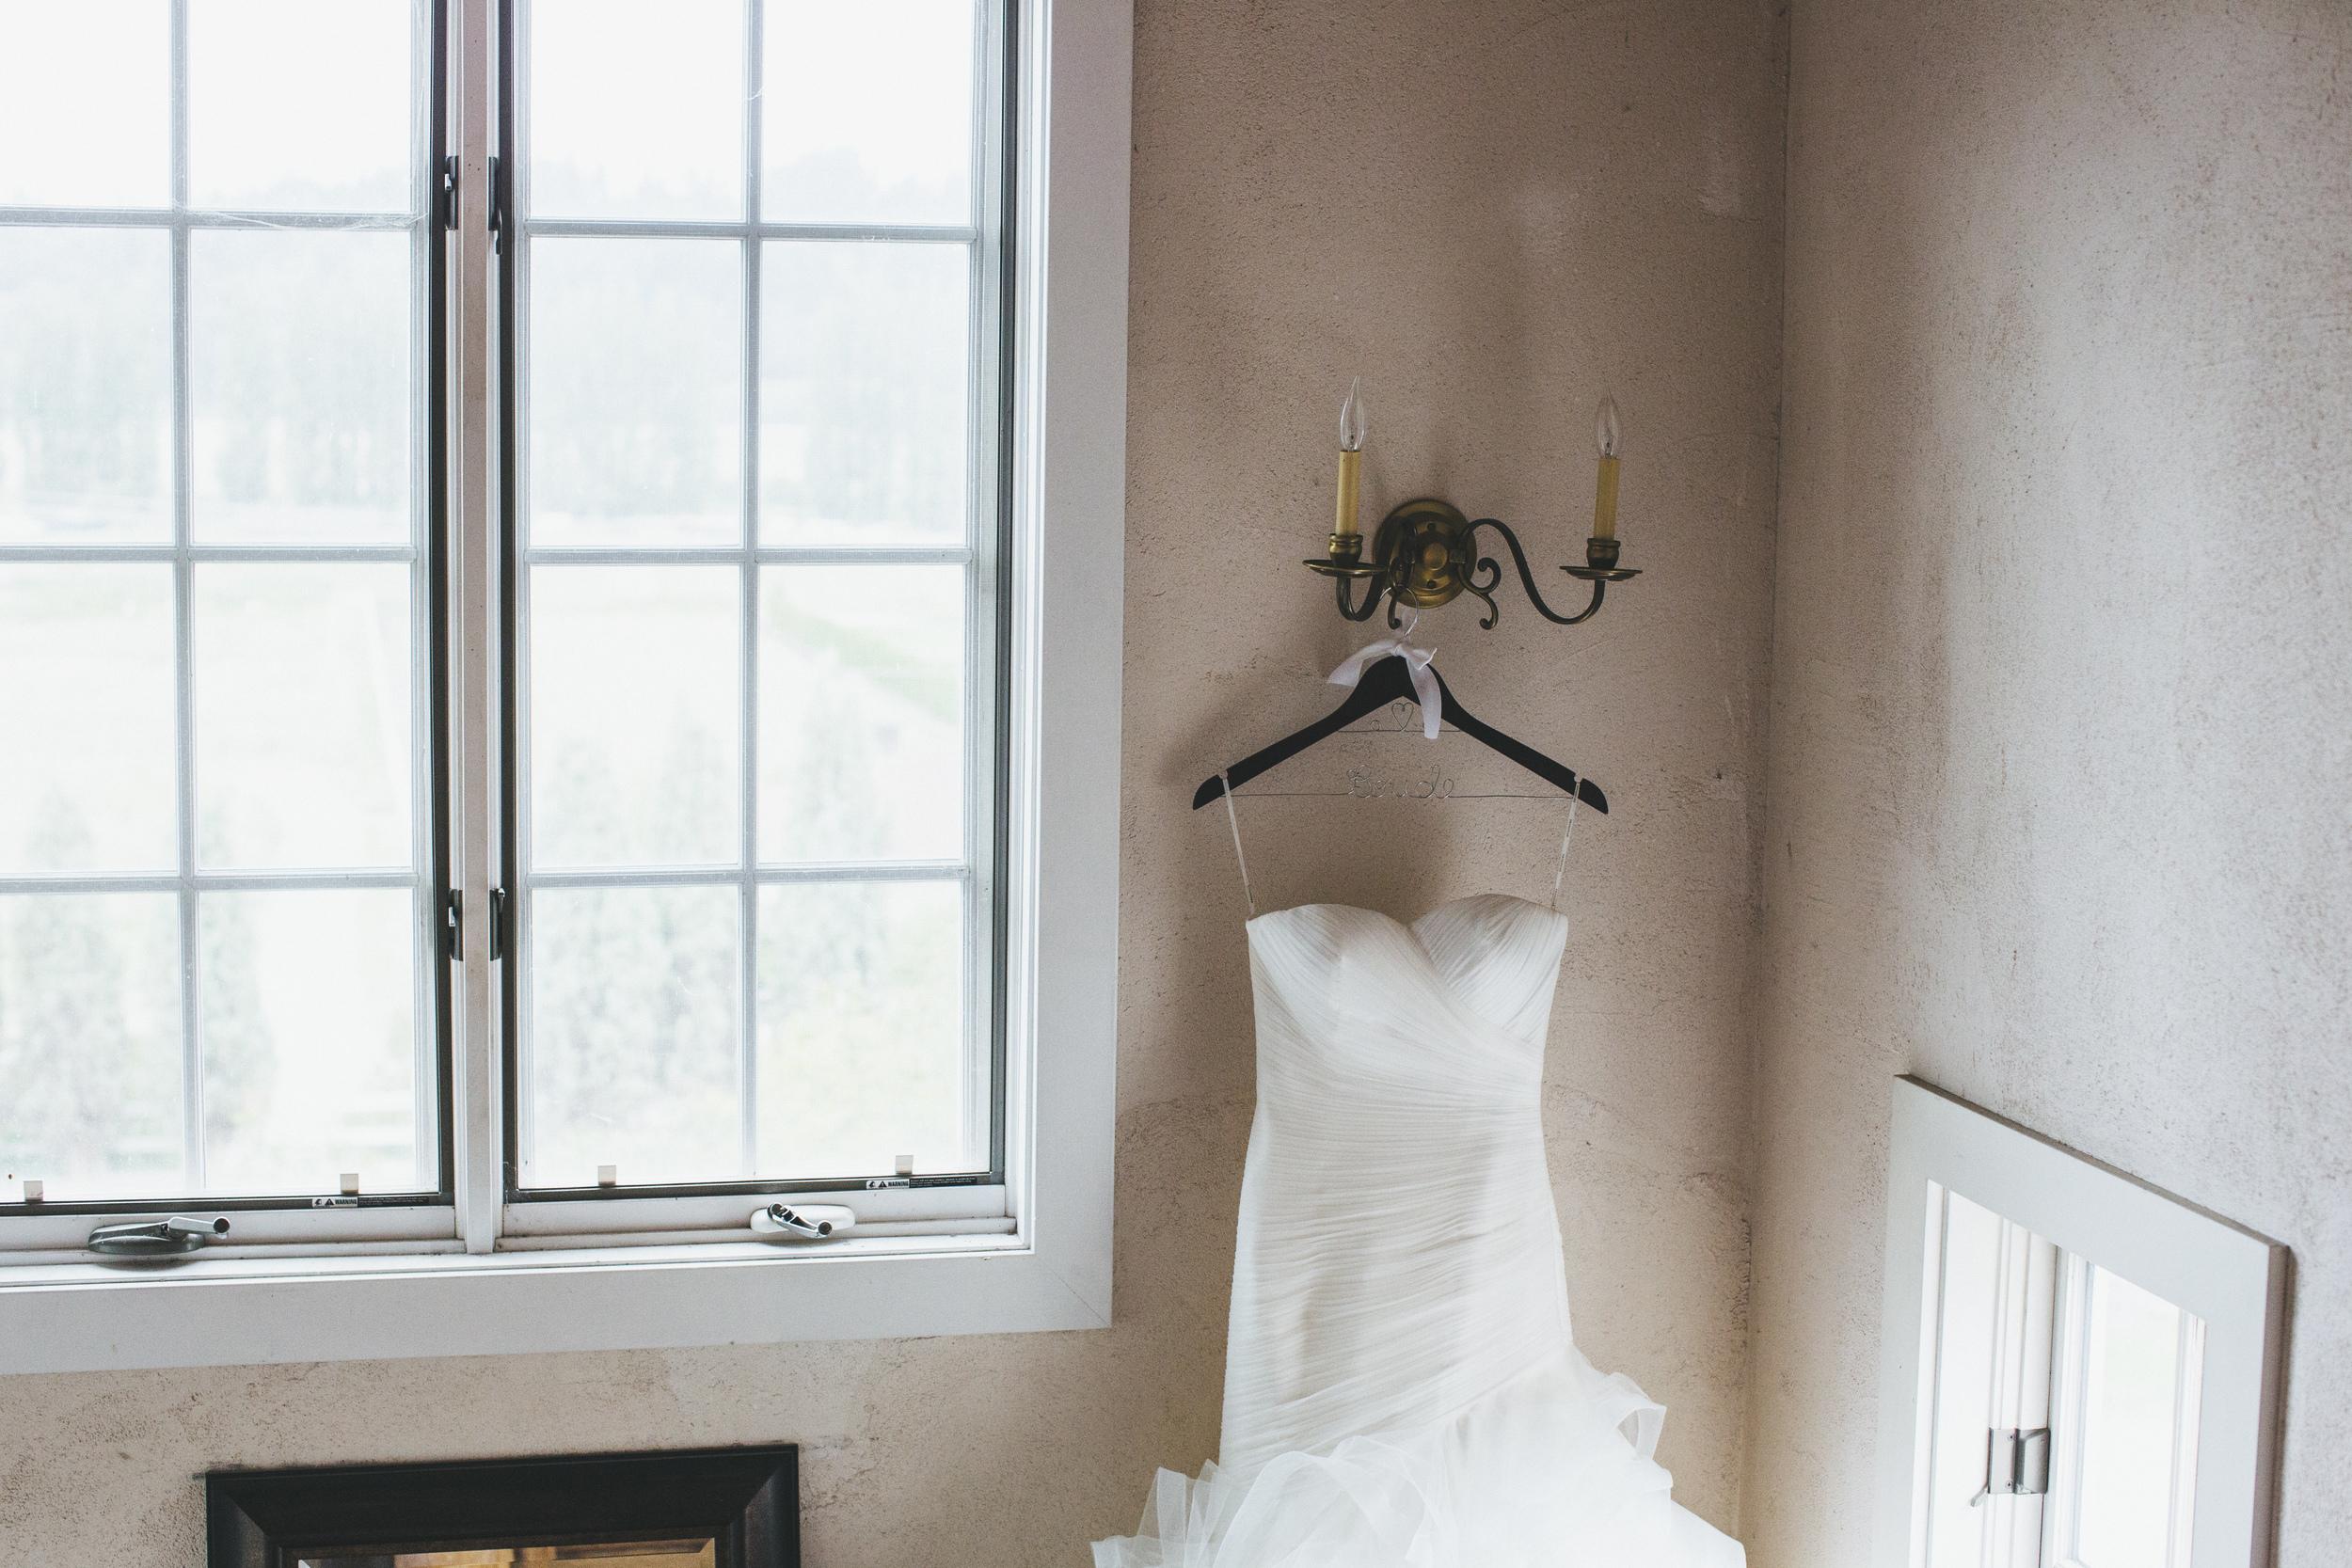 Ruffle Wedding Gown on Customized Wedding Hanger